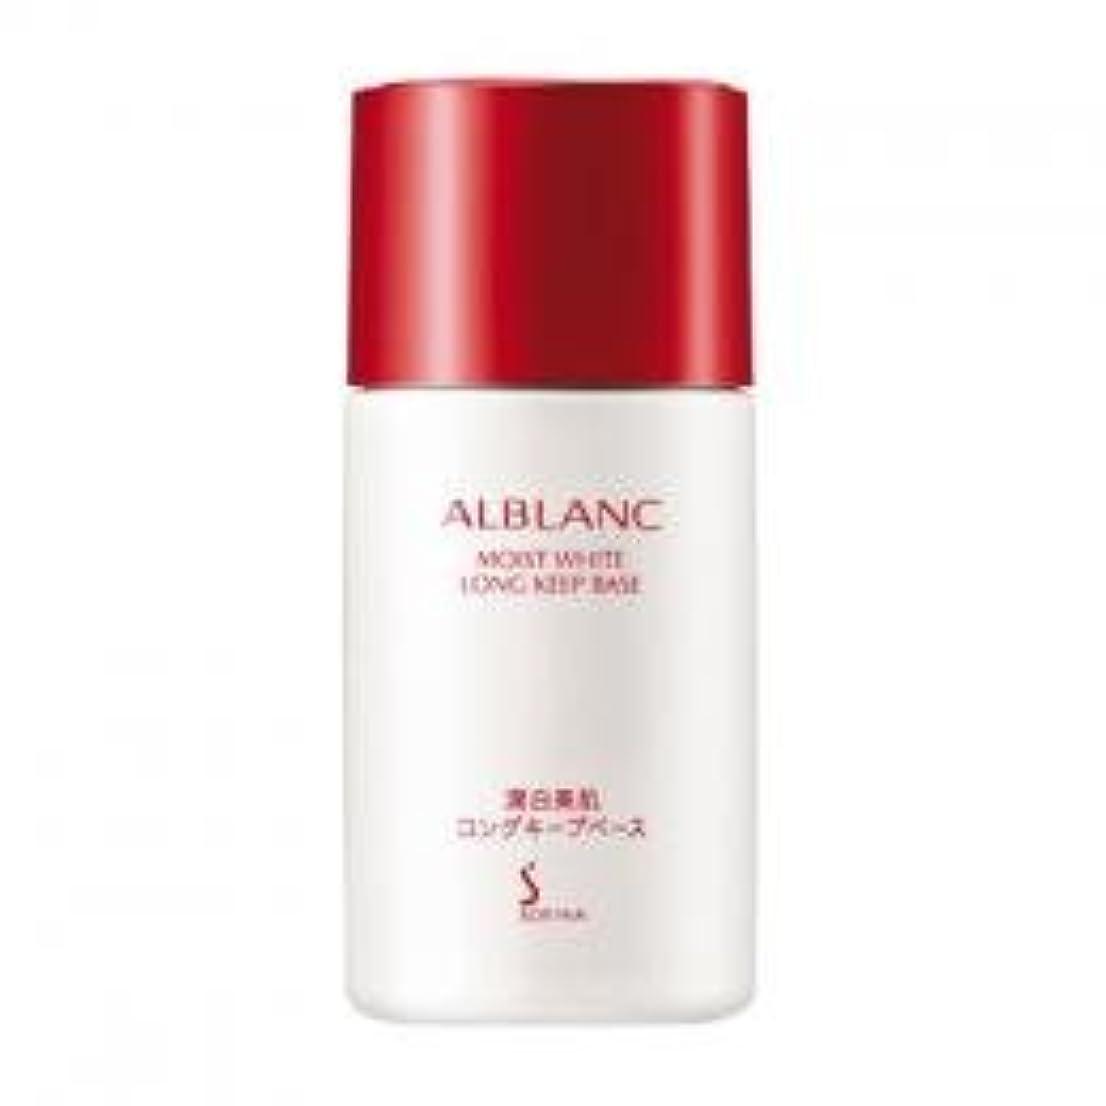 高音消化保持アルブラン 潤白美肌 ロングキープベース 25ml